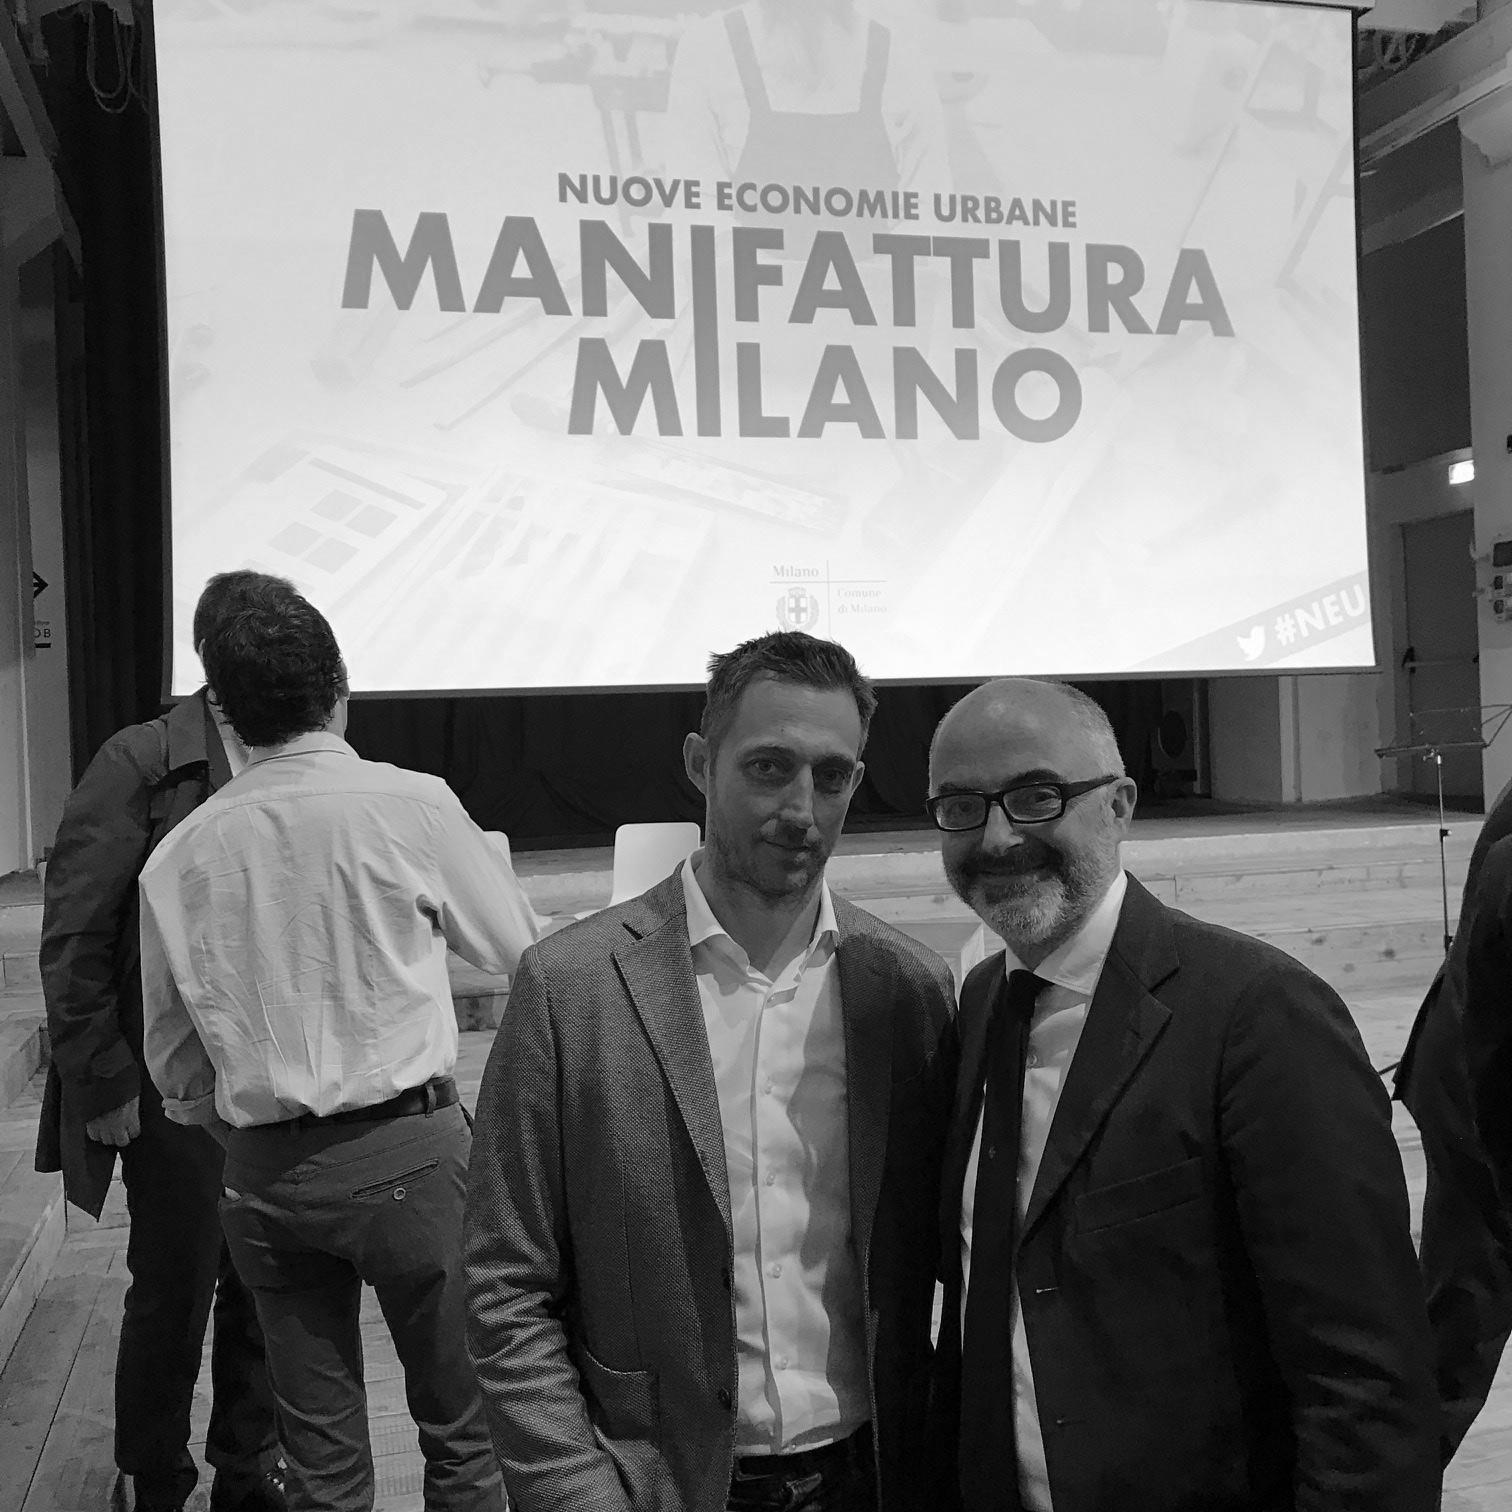 Stefano Micelli e Filippo Berto manifattura milano